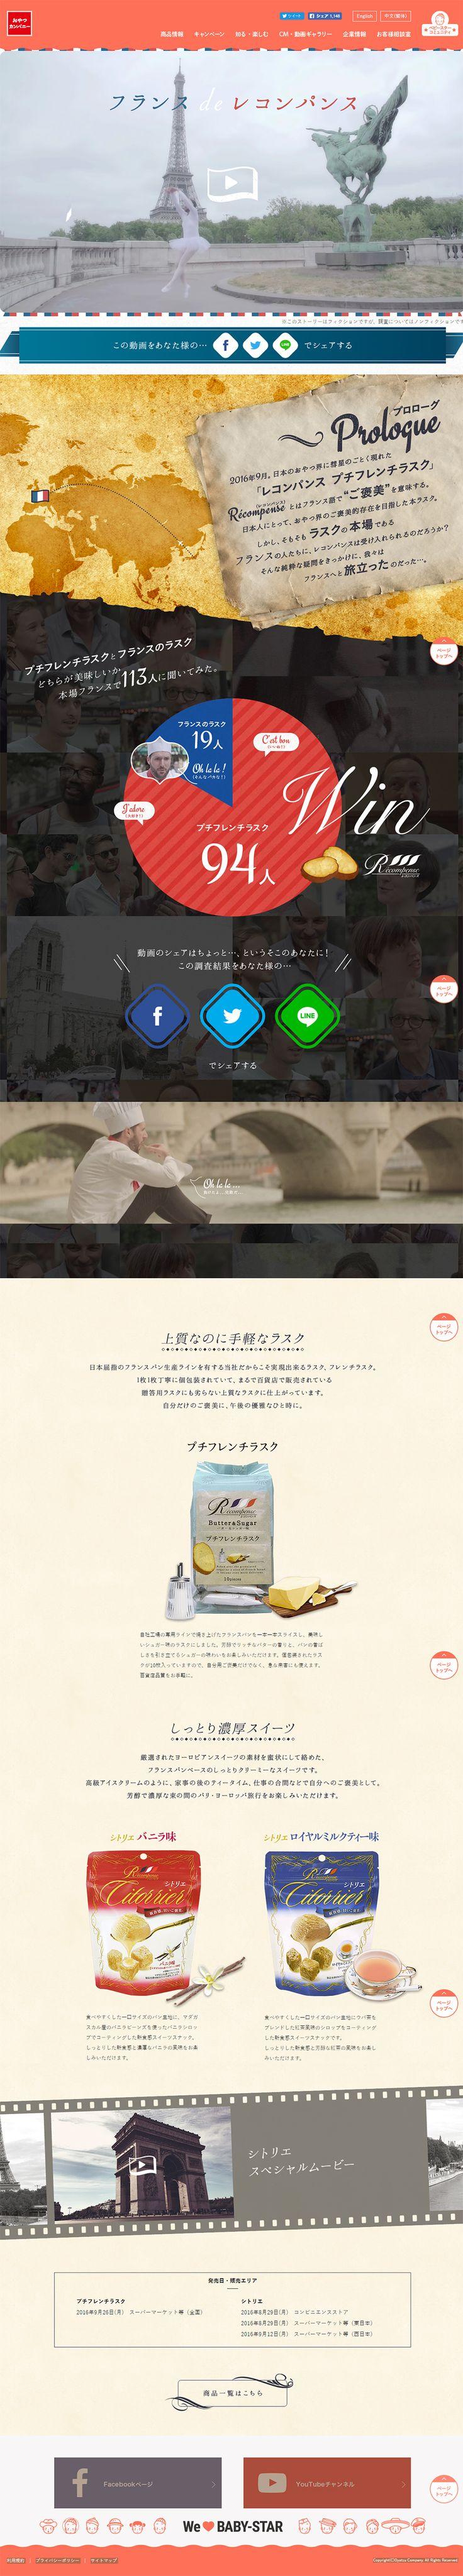 レコンパンスブランド 【食品関連】のLPデザイン。WEBデザイナーさん必見!ランディングページのデザイン参考に(シンプル系)